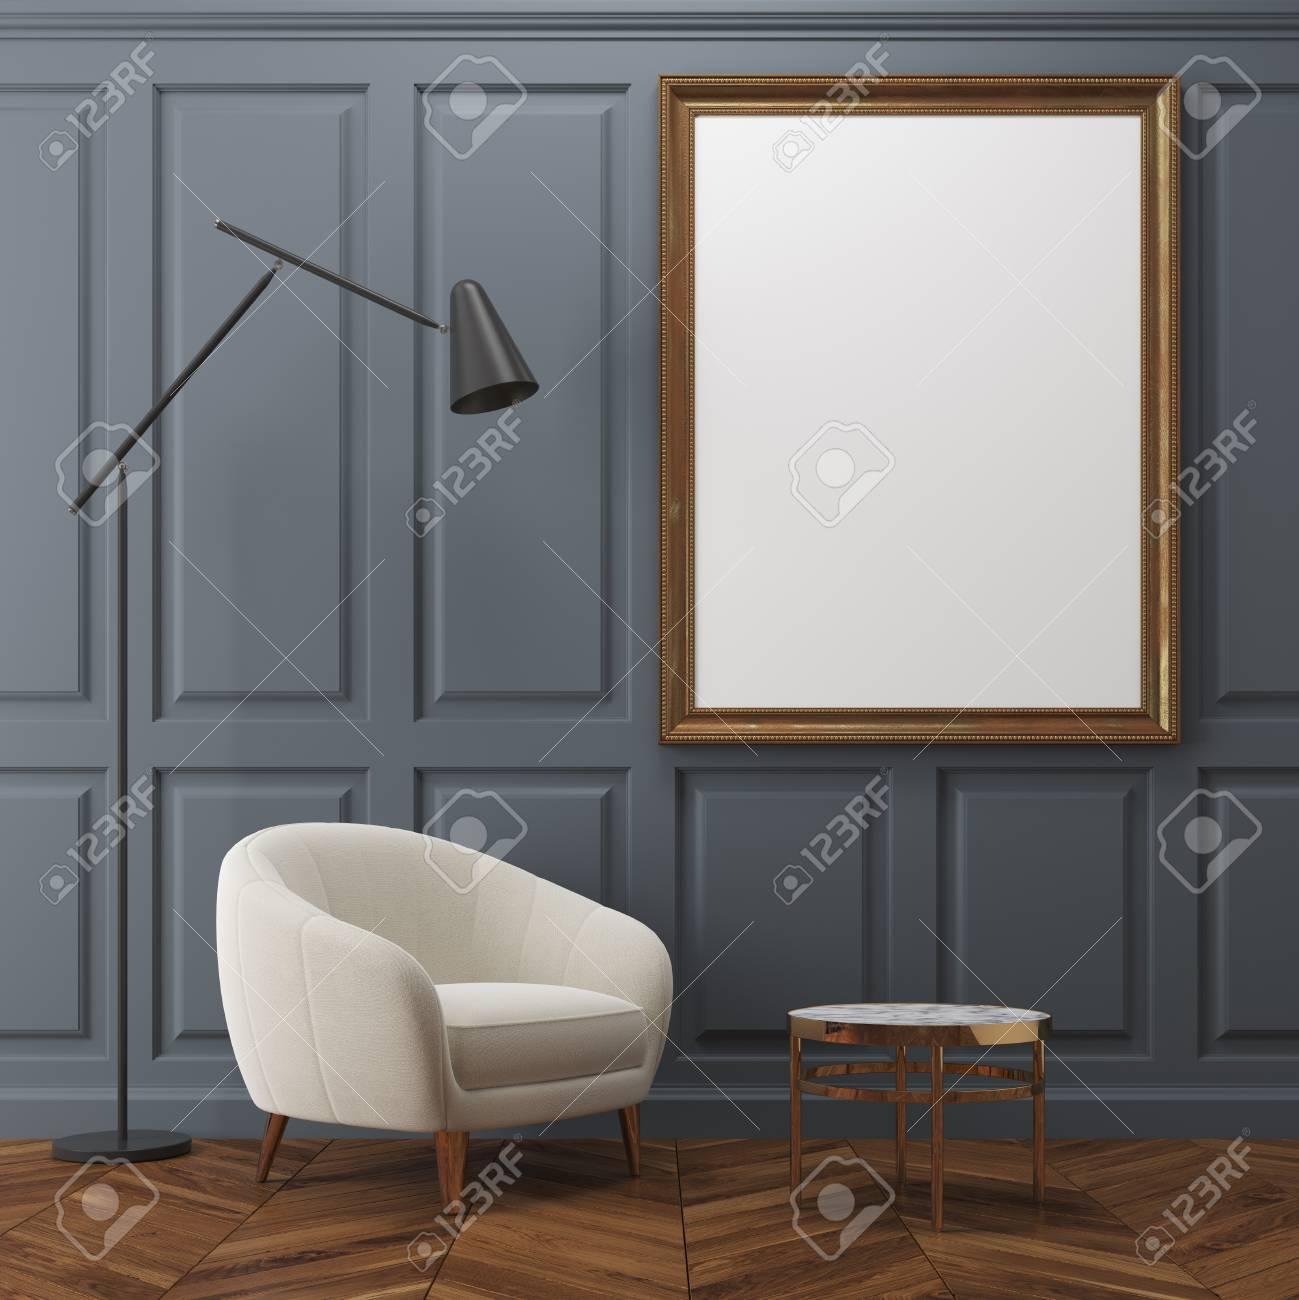 Wohnzimmer Innenraum Mit Dunkelgrauen Wänden, Einem Weißen Sessel ...